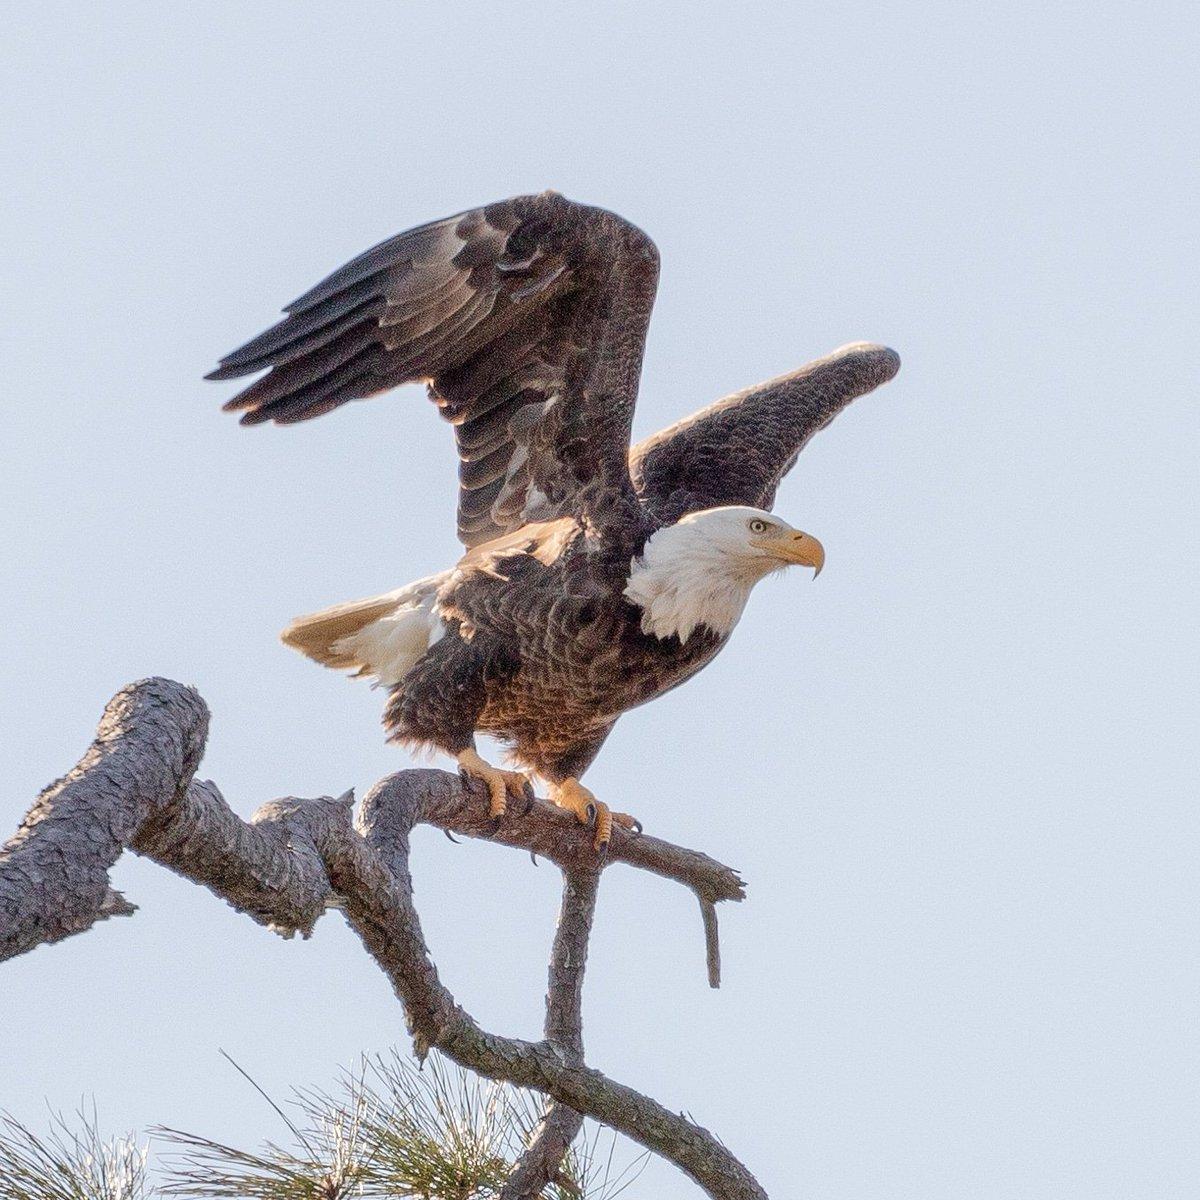 Finally a good shot of a bald eagle - Virginia Beach  #birdphotography #bird #photography #wildlife #baldeagle